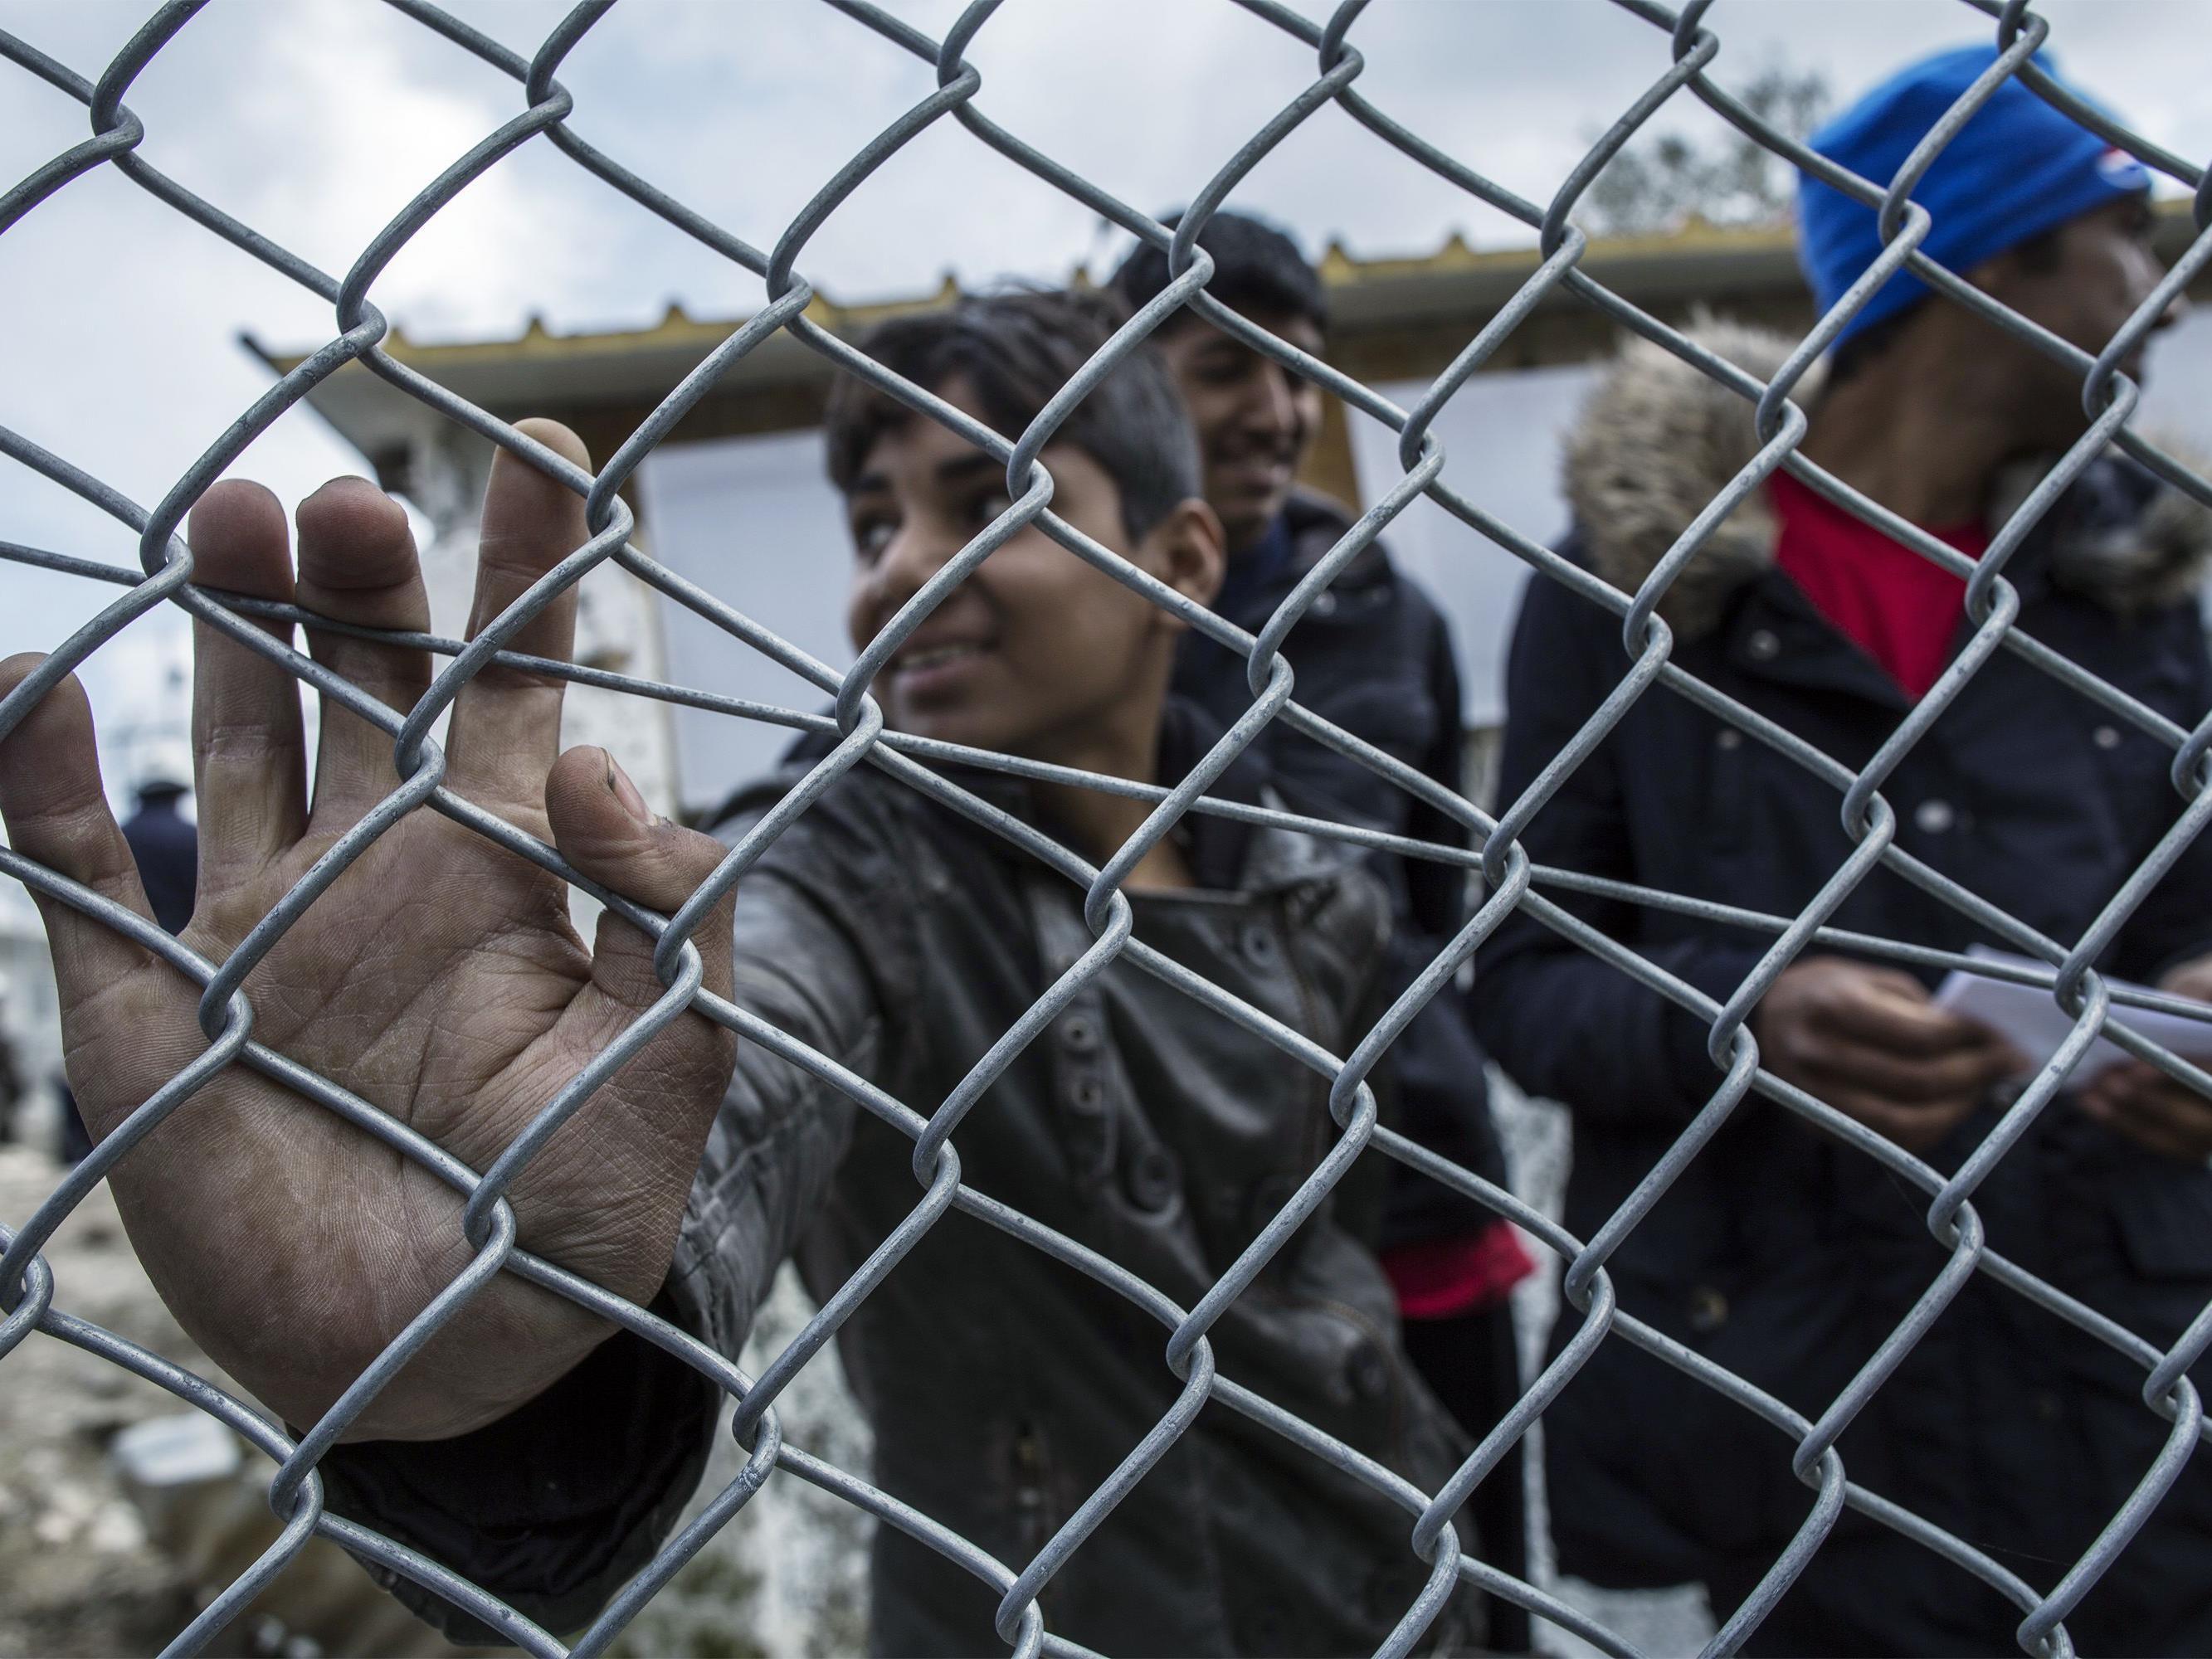 Flüchtlinge - Oxfam: Wien soll mehr Syrien-Flüchtlinge aufnehmen